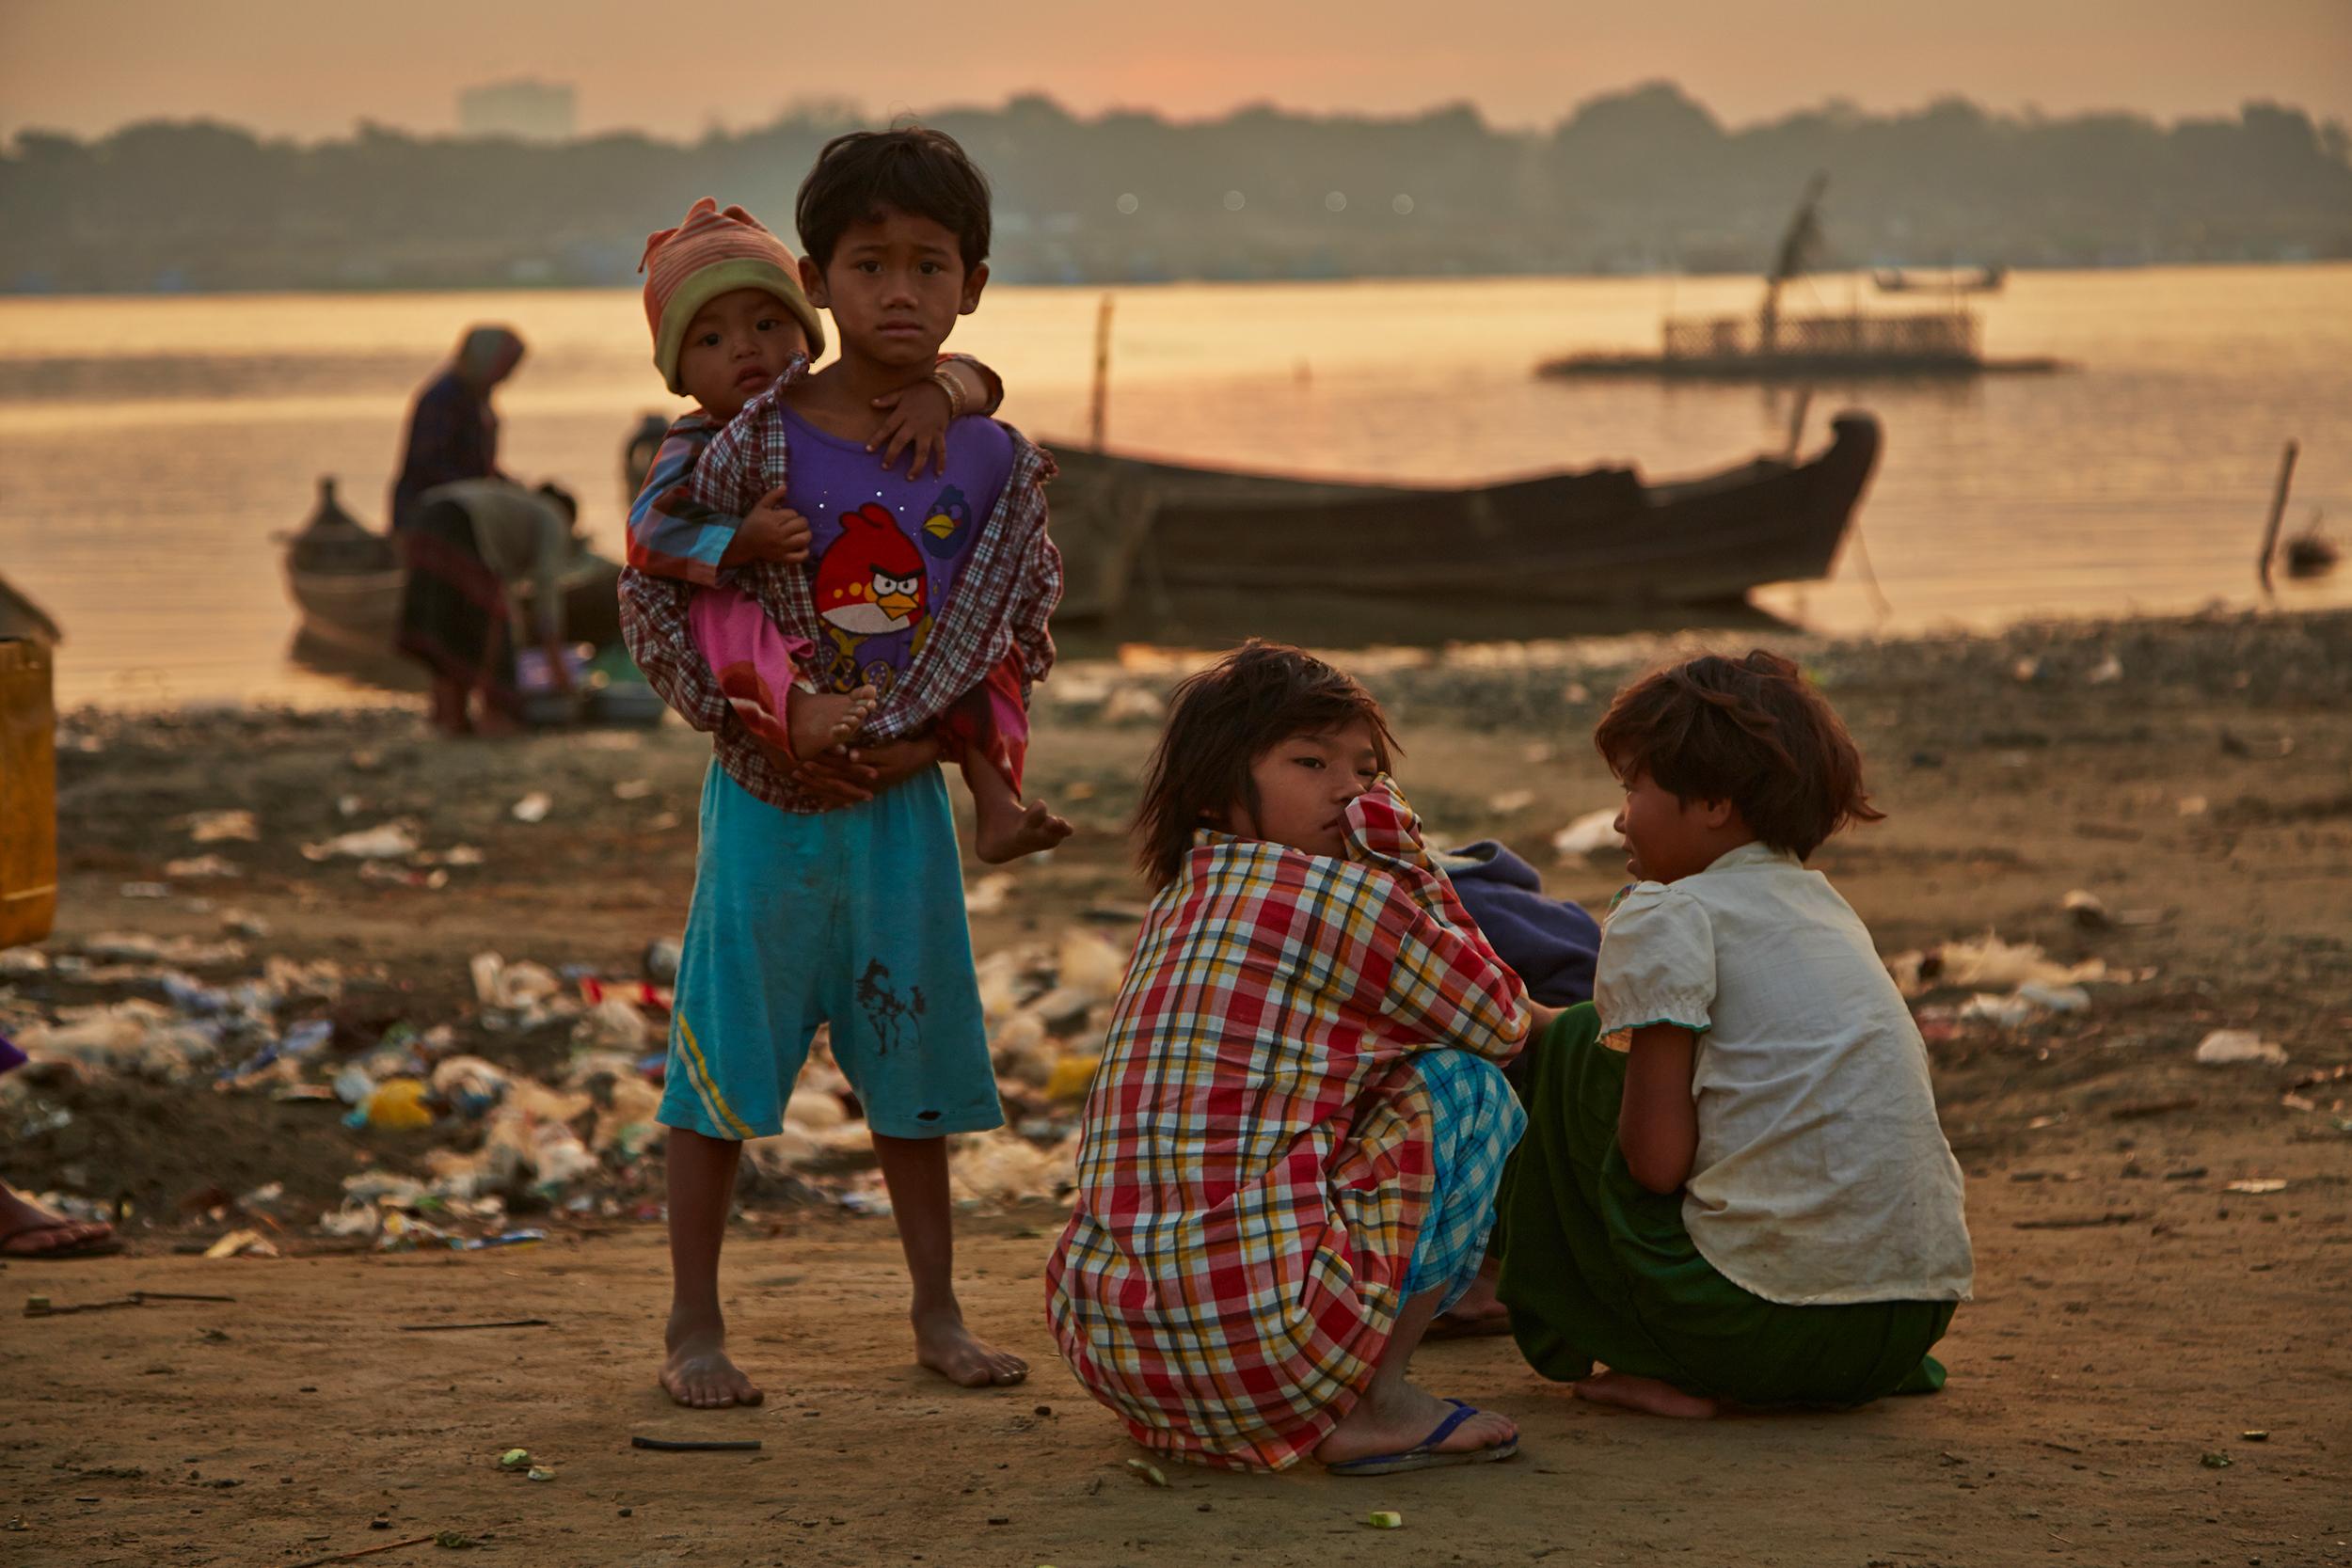 Kanjana-Chaiwatanachai-Image-Works_Mandalay_2014.01.18_0110s.jpg